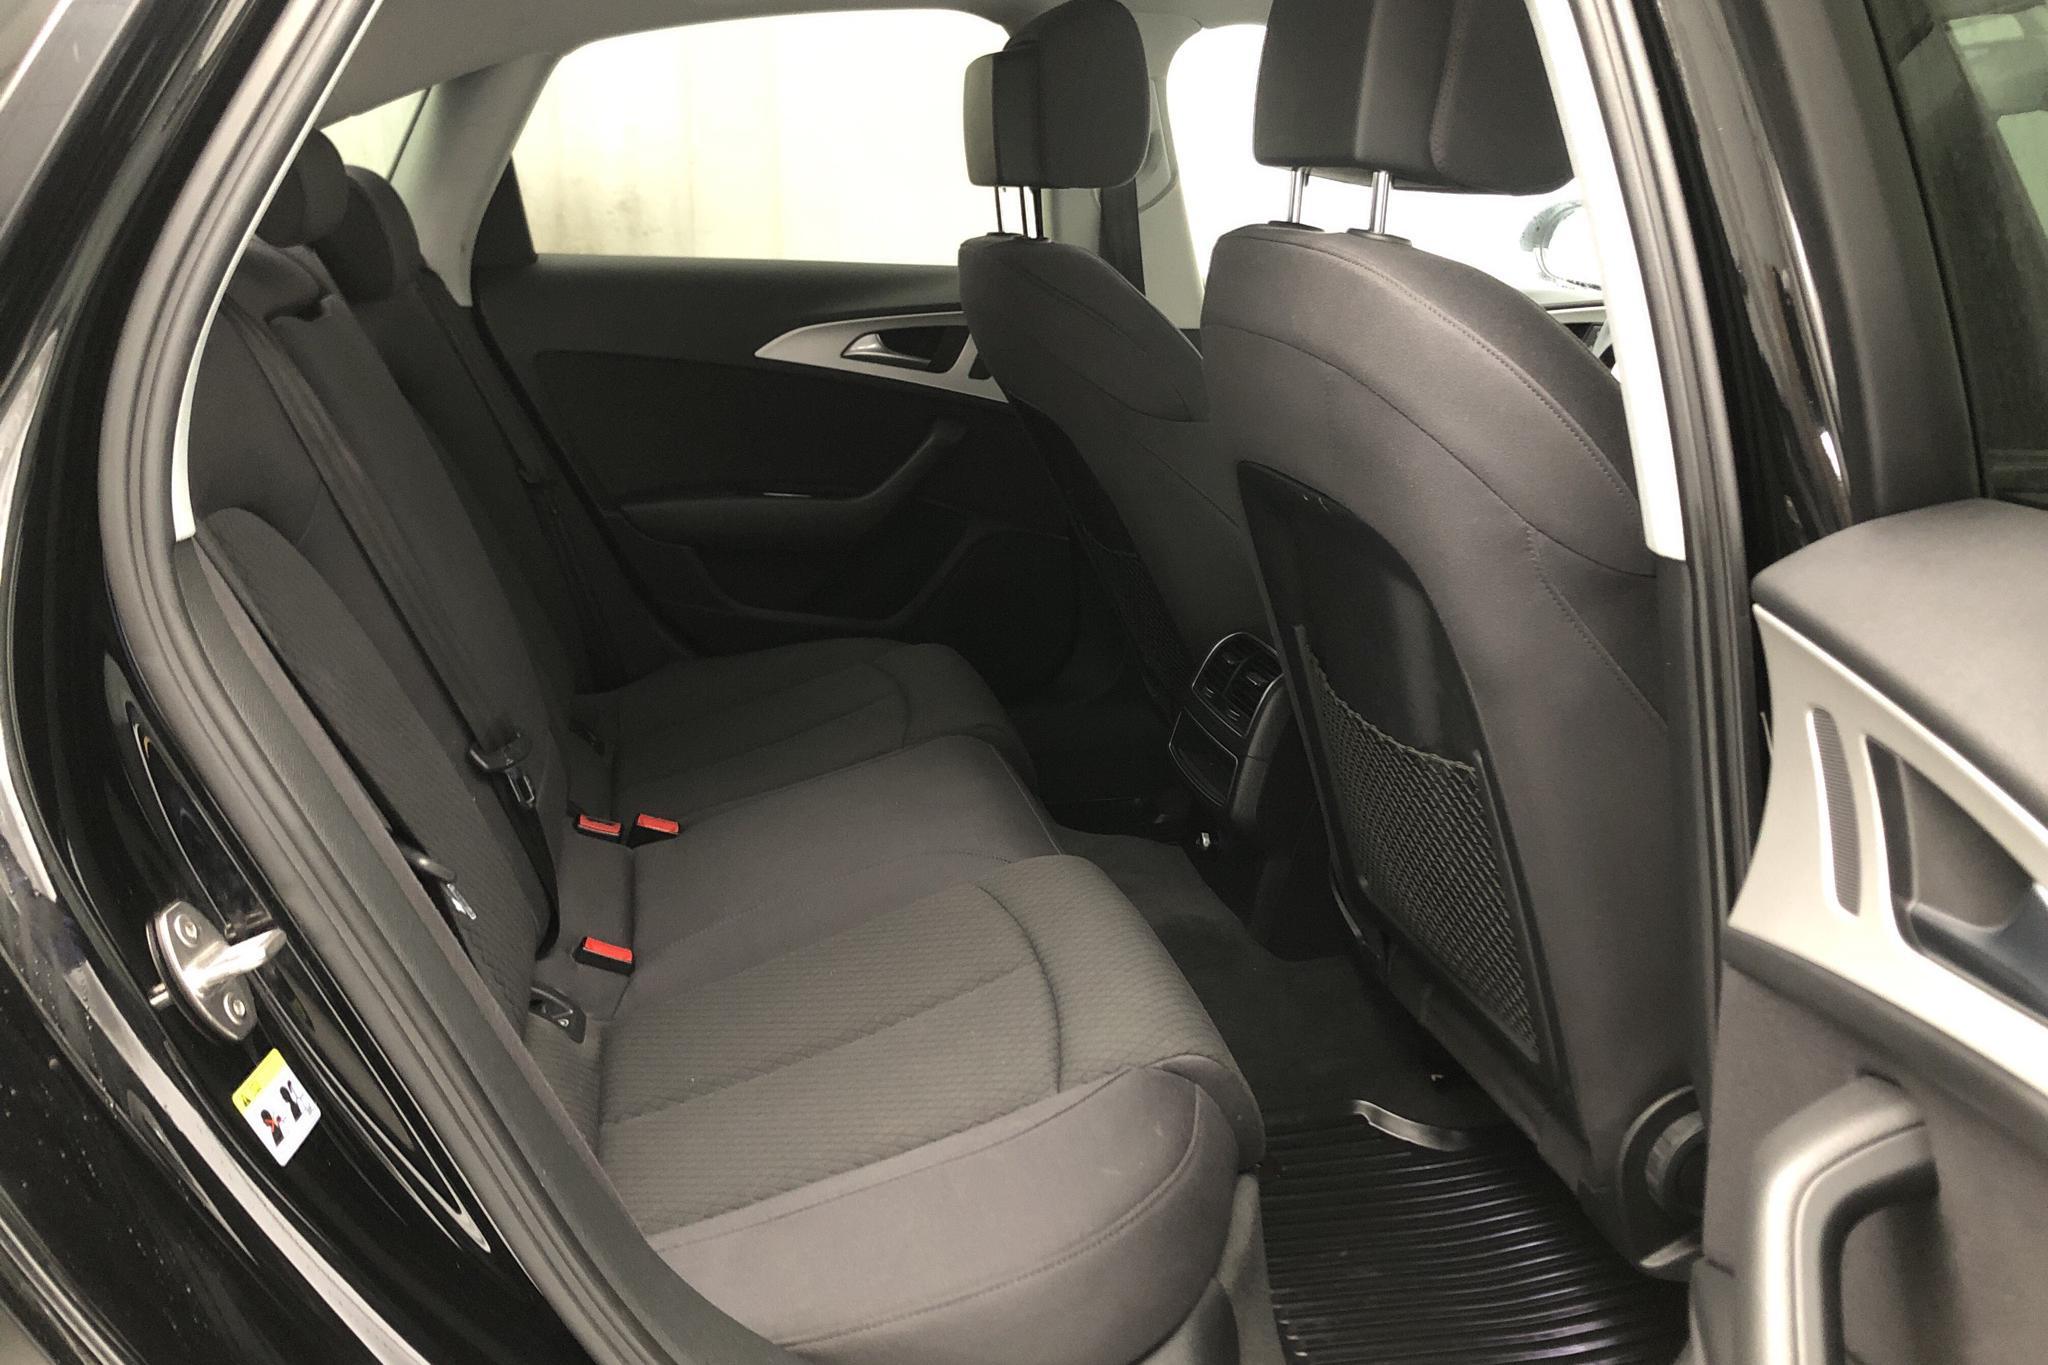 Audi A6 2.0 TDI (190hk) - 11 725 mil - Manuell - svart - 2017